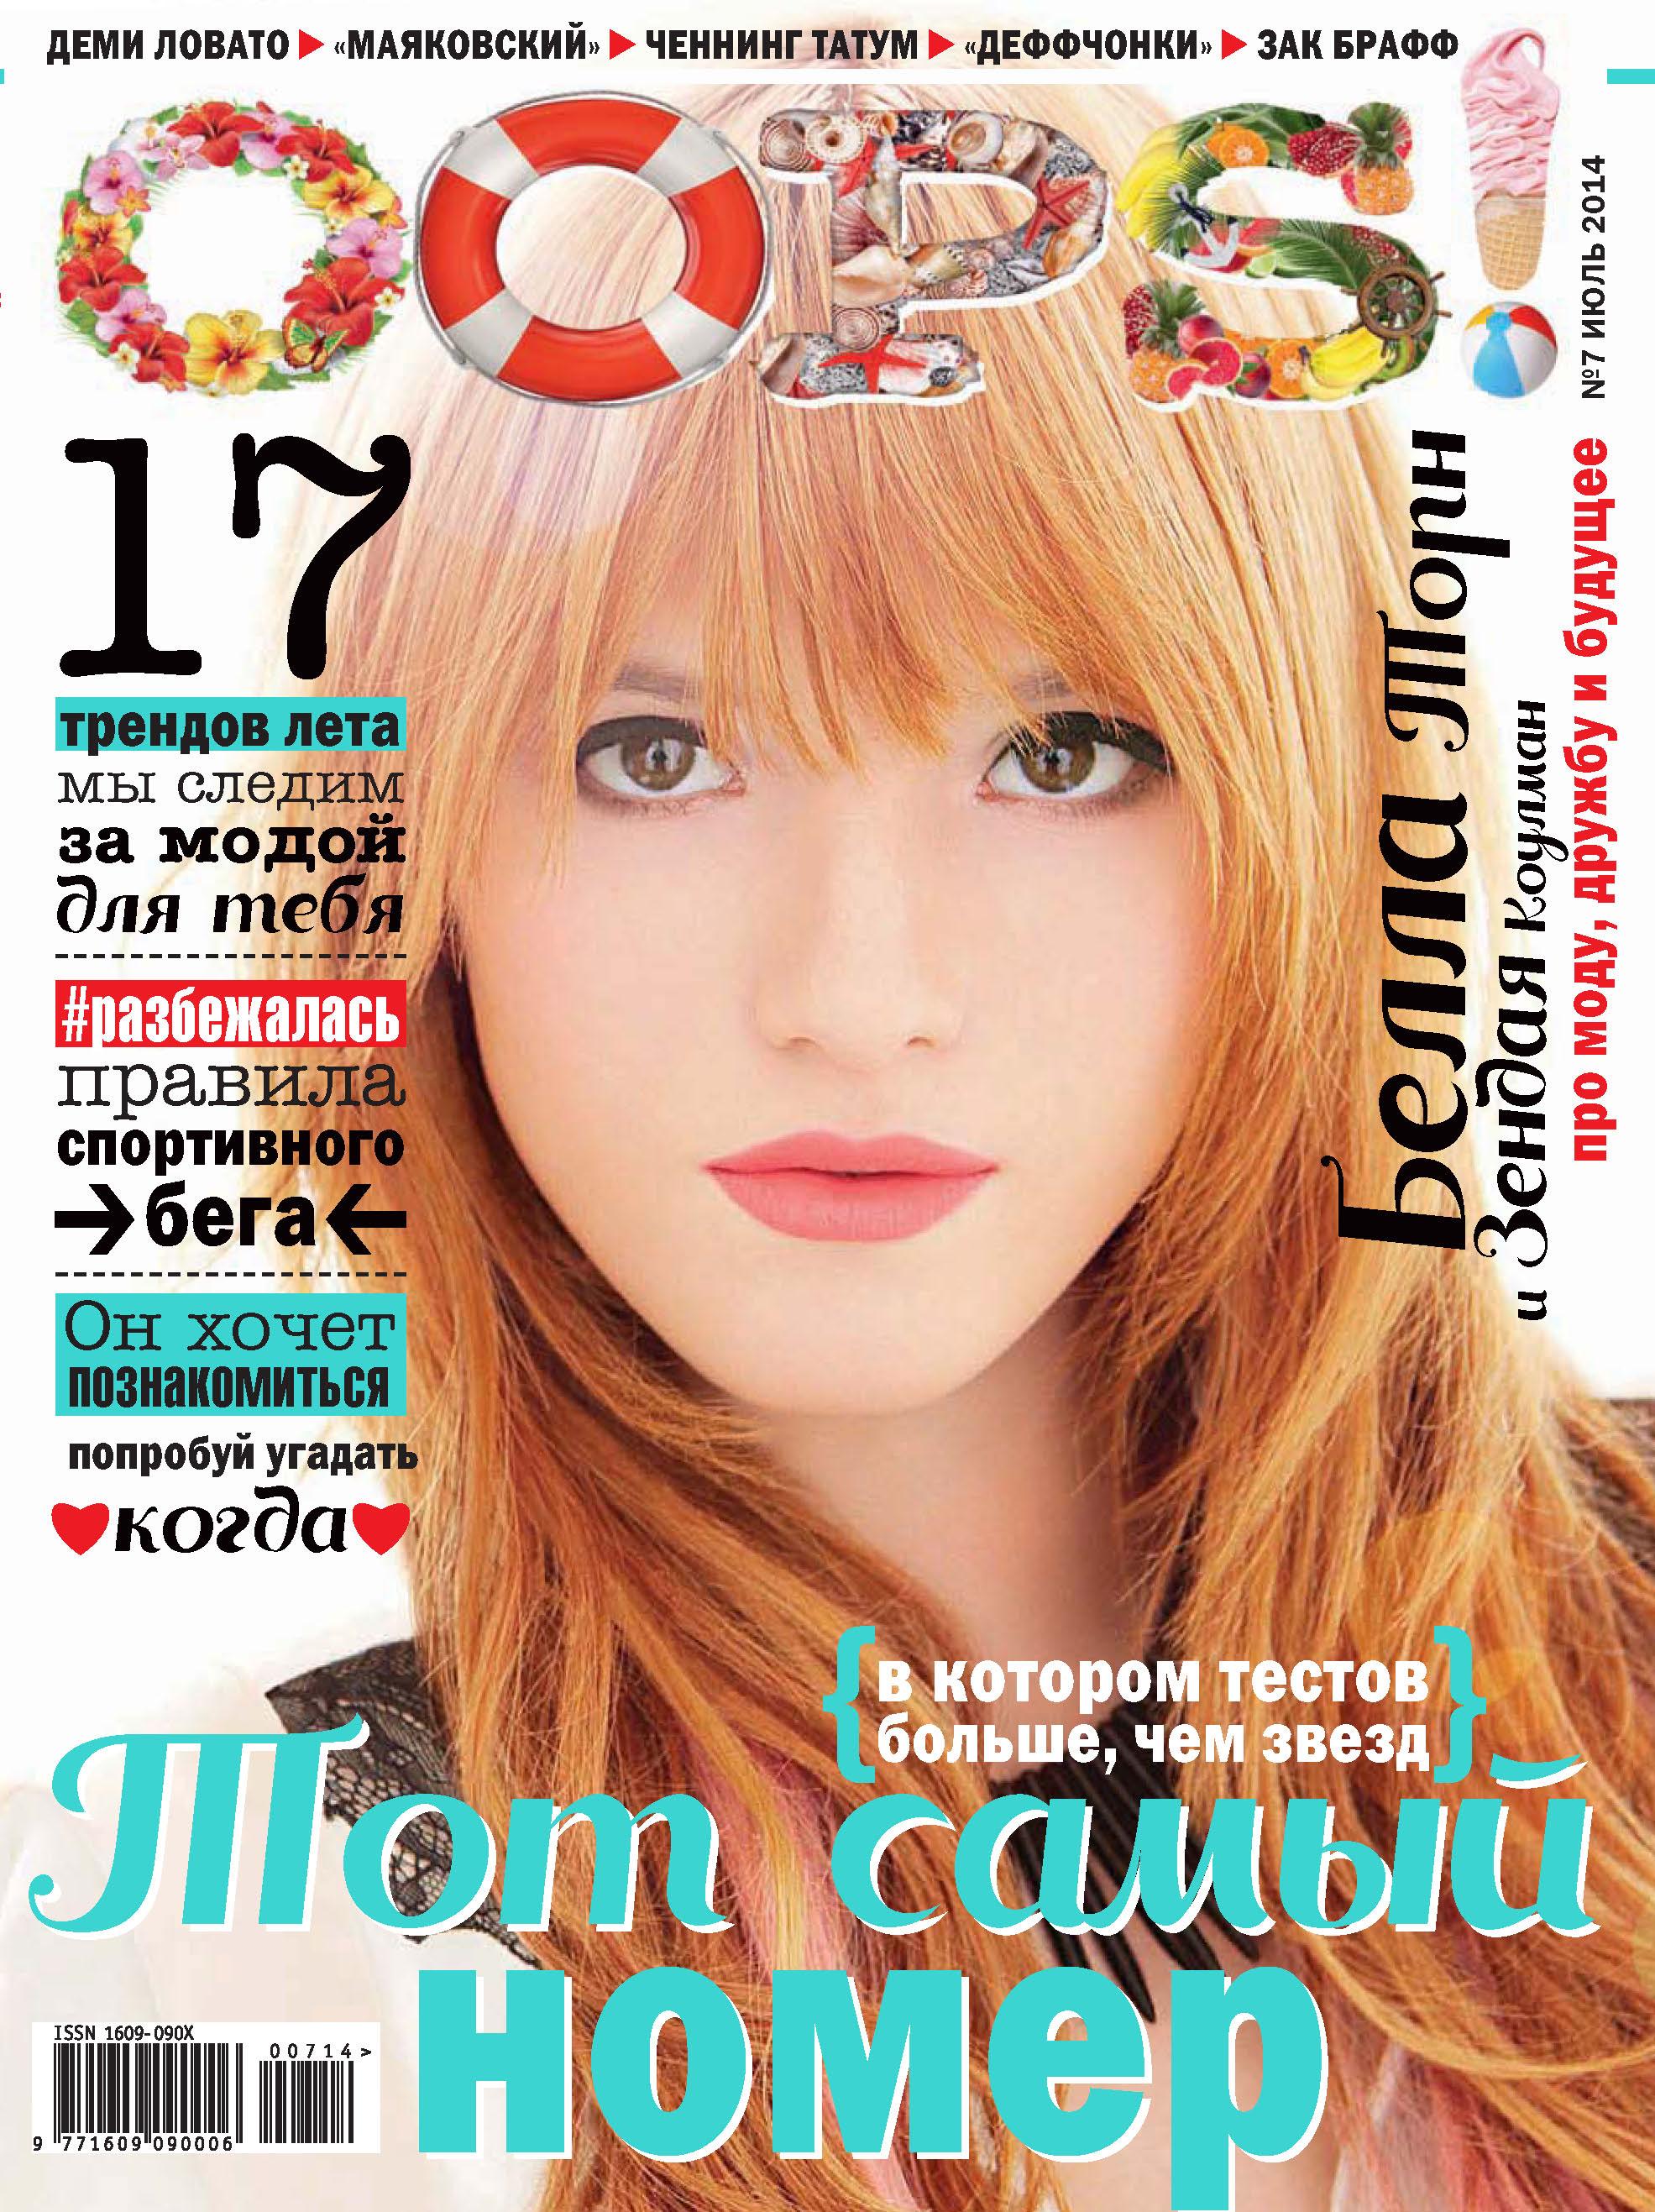 ИД «Бурда» Журнал Oops! №07/2014 цены онлайн